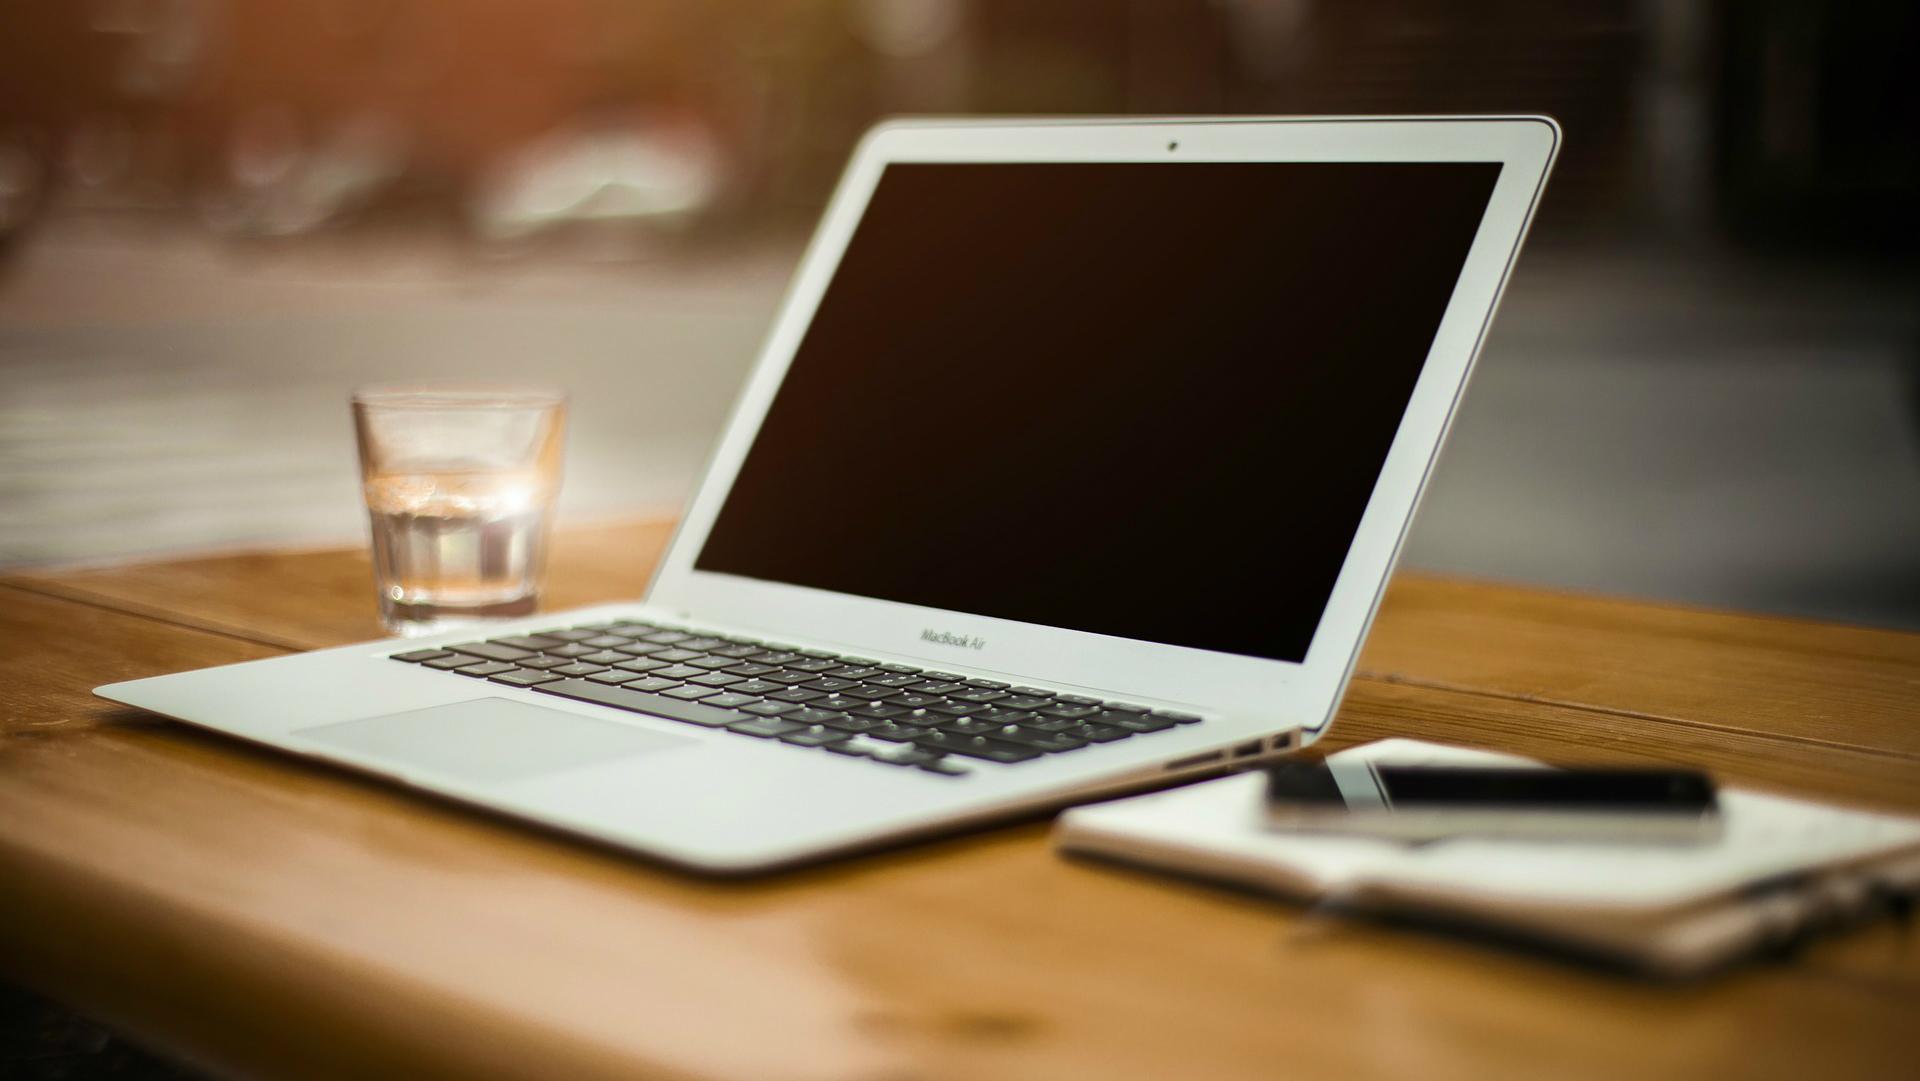 atsauksmes par naudas pelnīšanu internetā saistītajās programmās